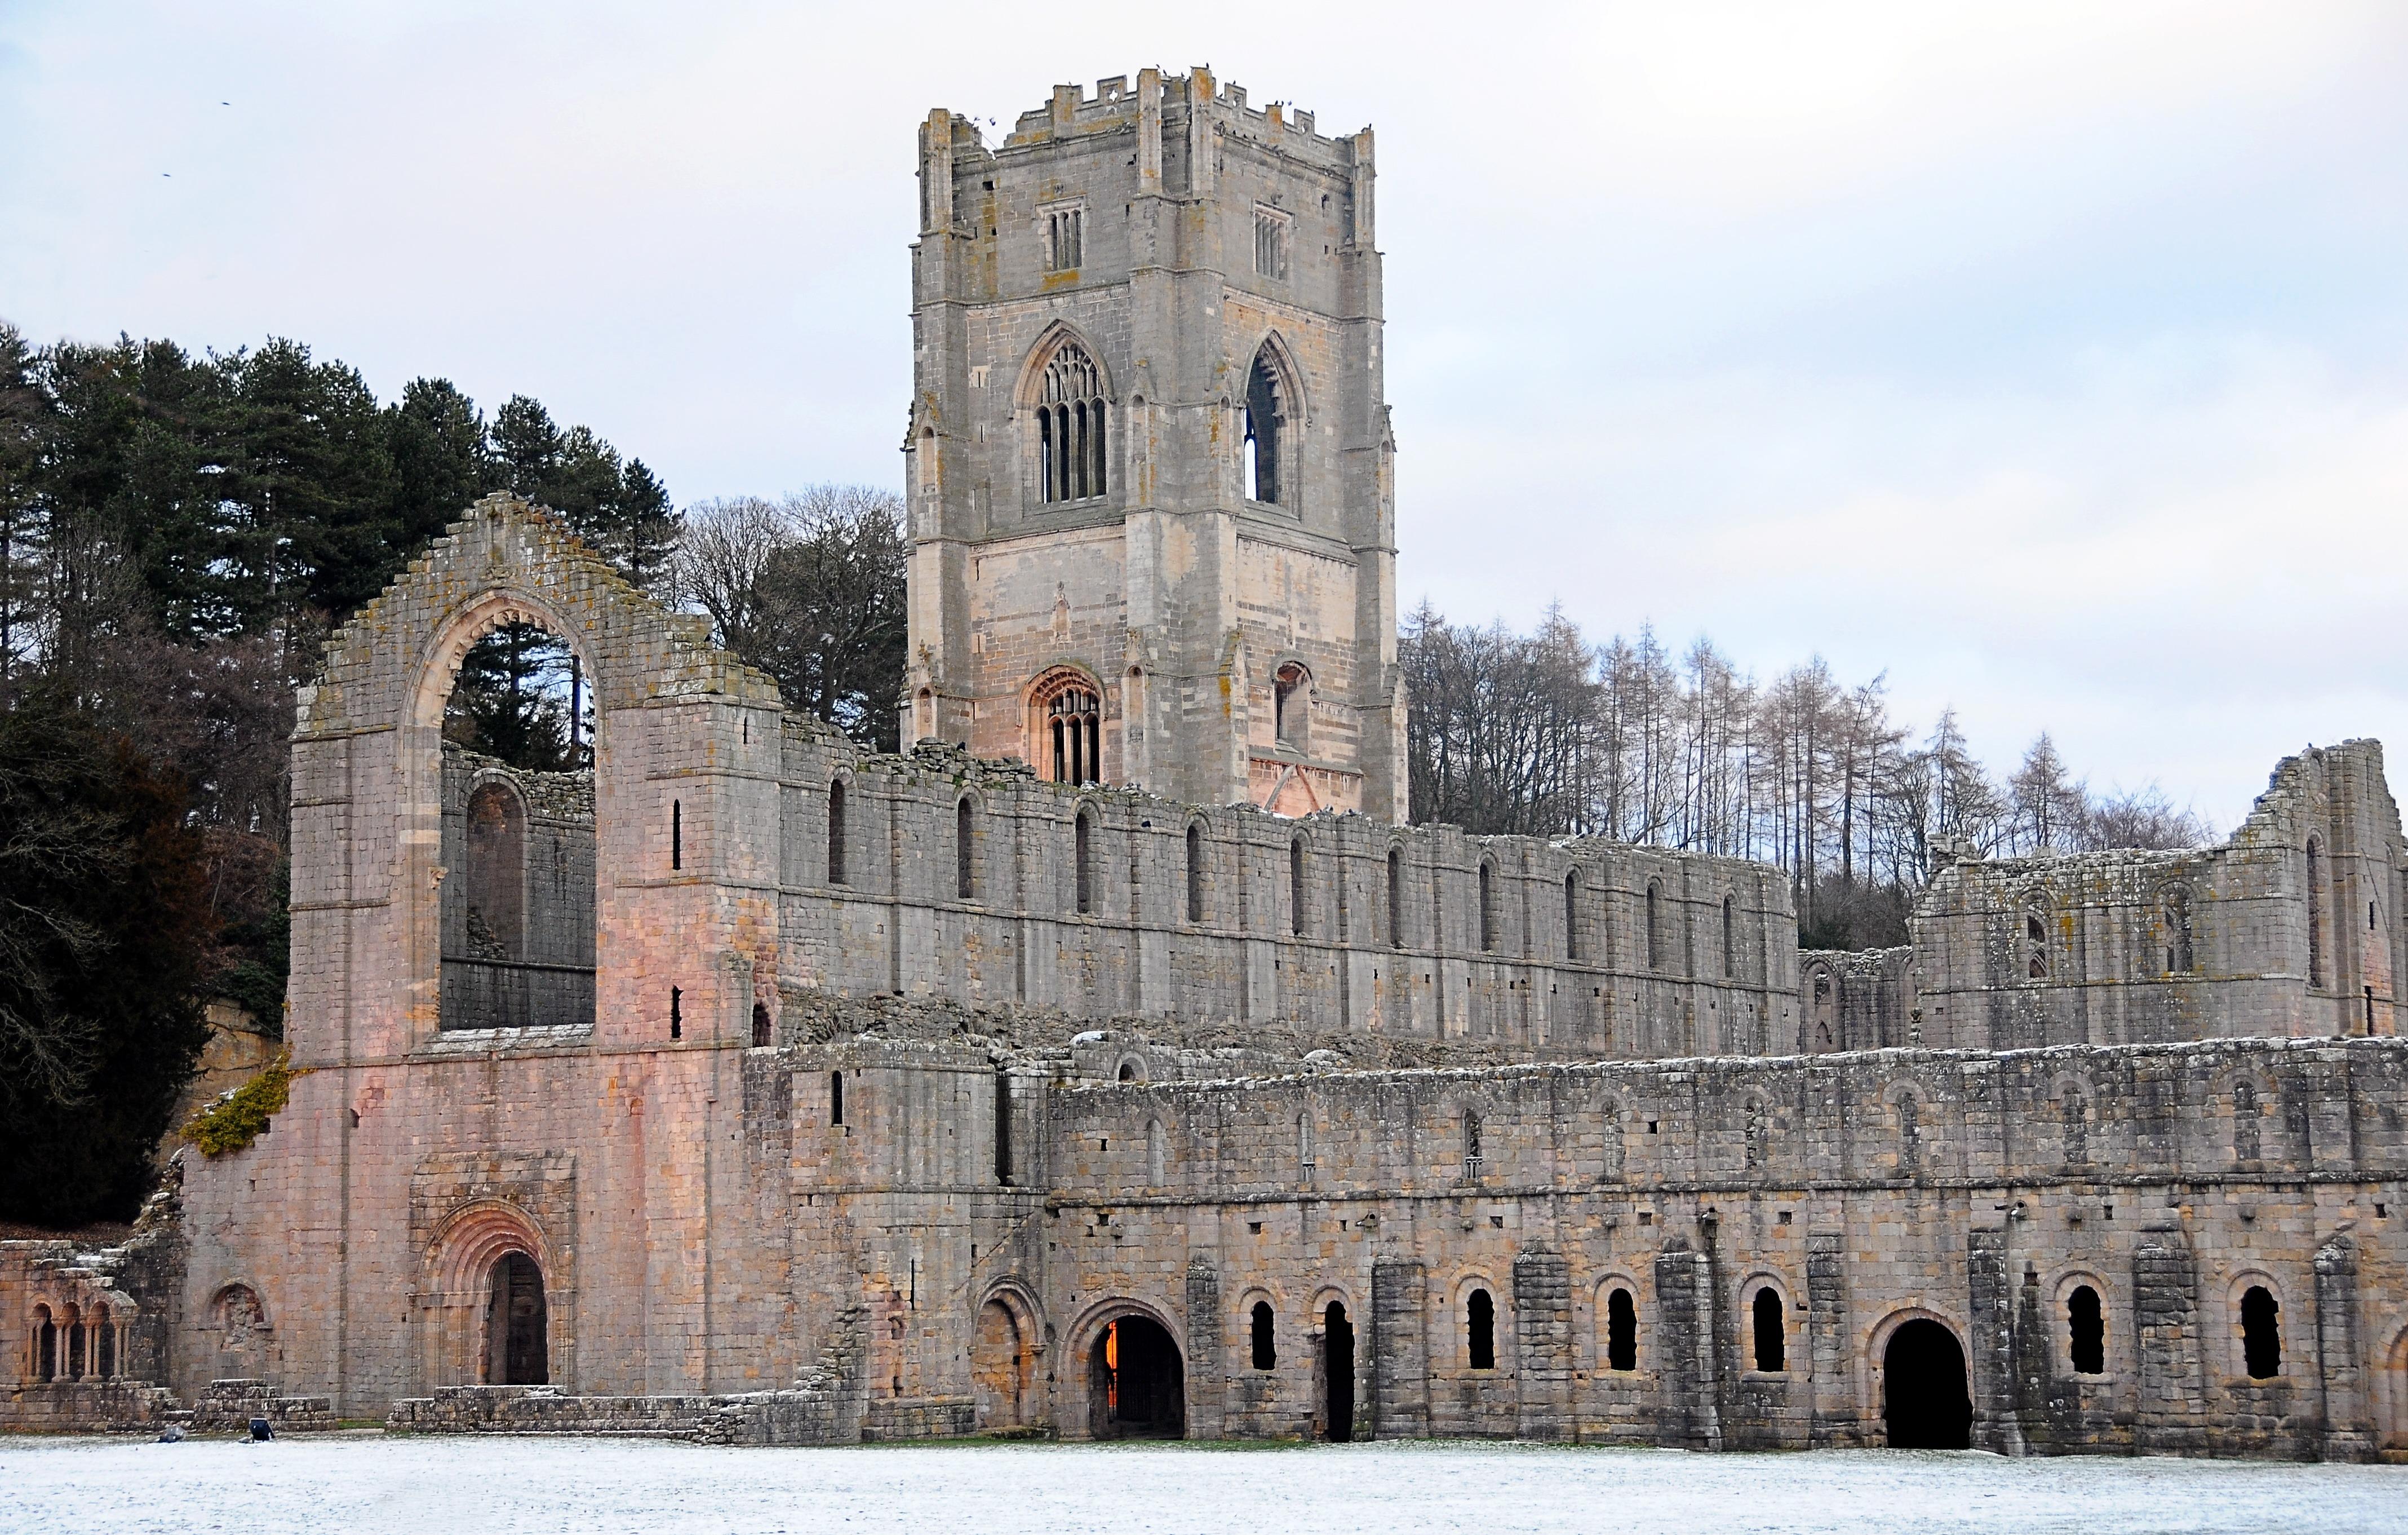 fotos gratis edificio castillo antiguo piedra religin iglesia catedral histrico cristiano lugar de adoracin arco arcos